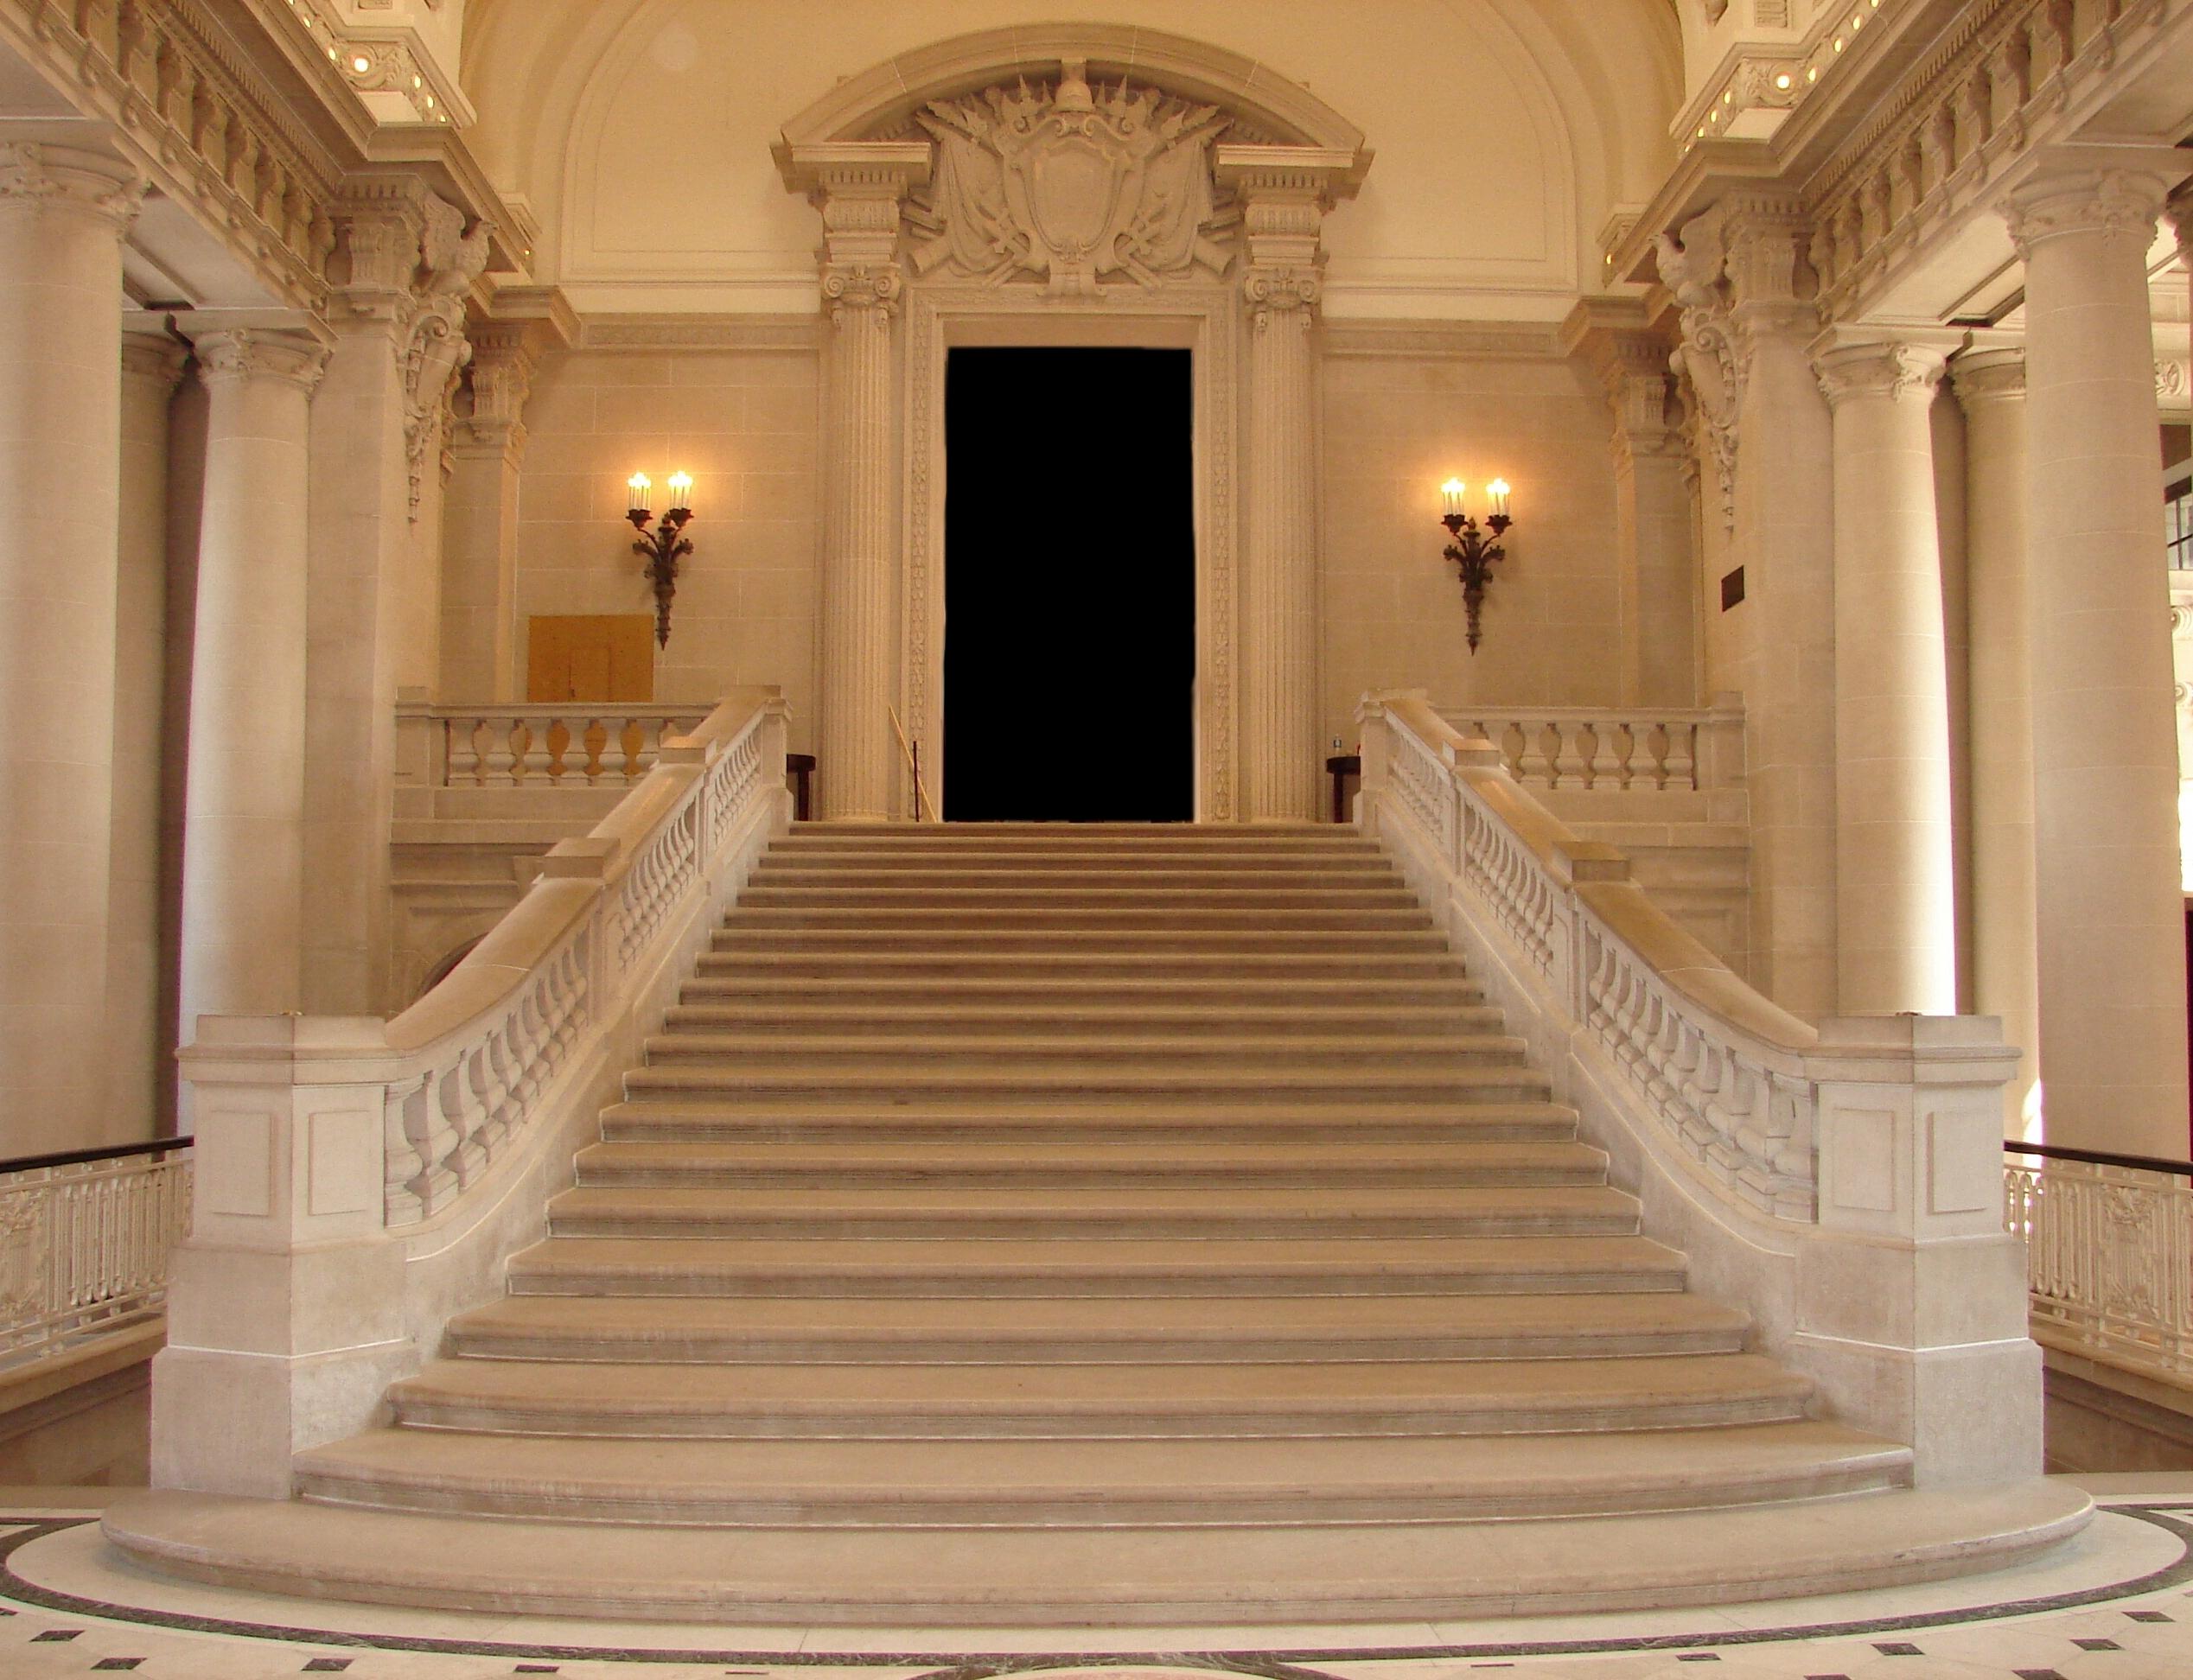 USNA Memorial Hall Interior